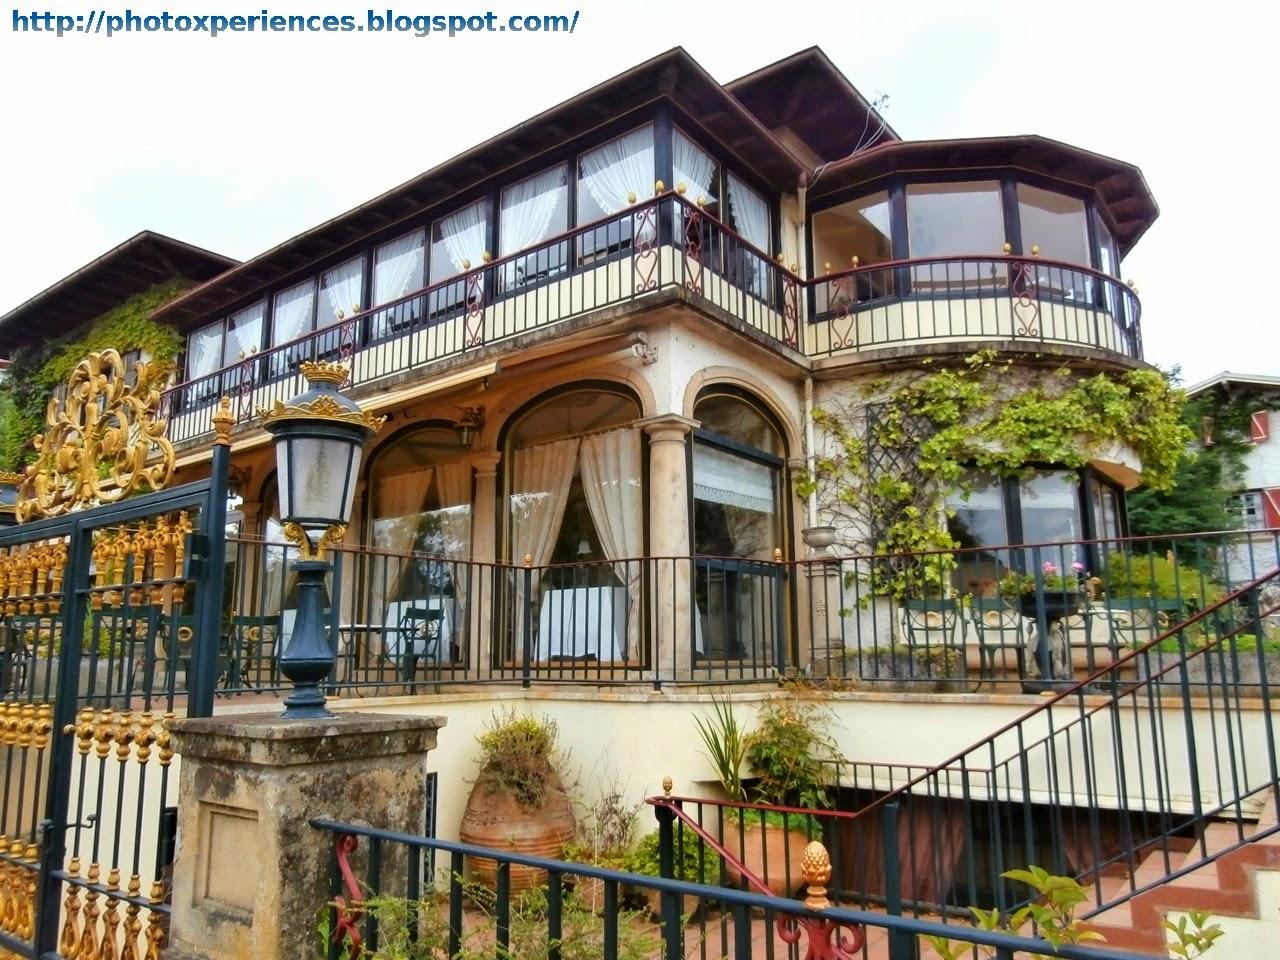 Casona en el Barrio Marítimo de Hondarribia - Fuenterrabía